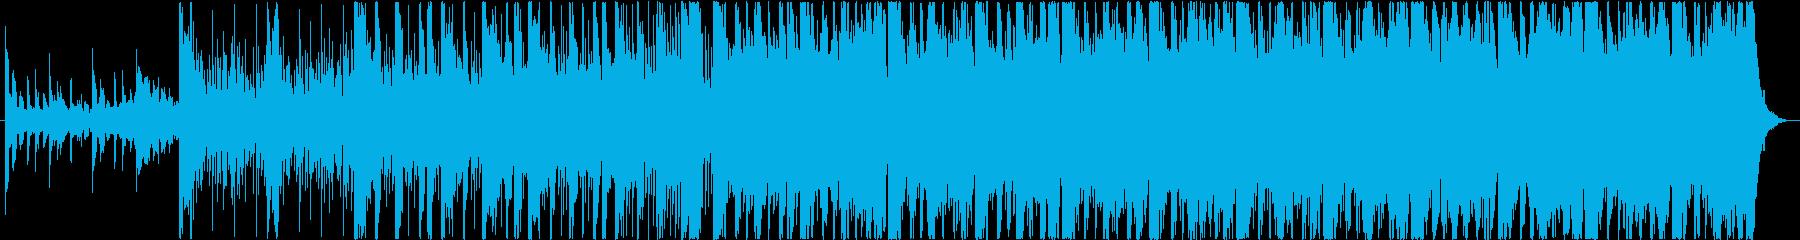 Experimental trackの再生済みの波形